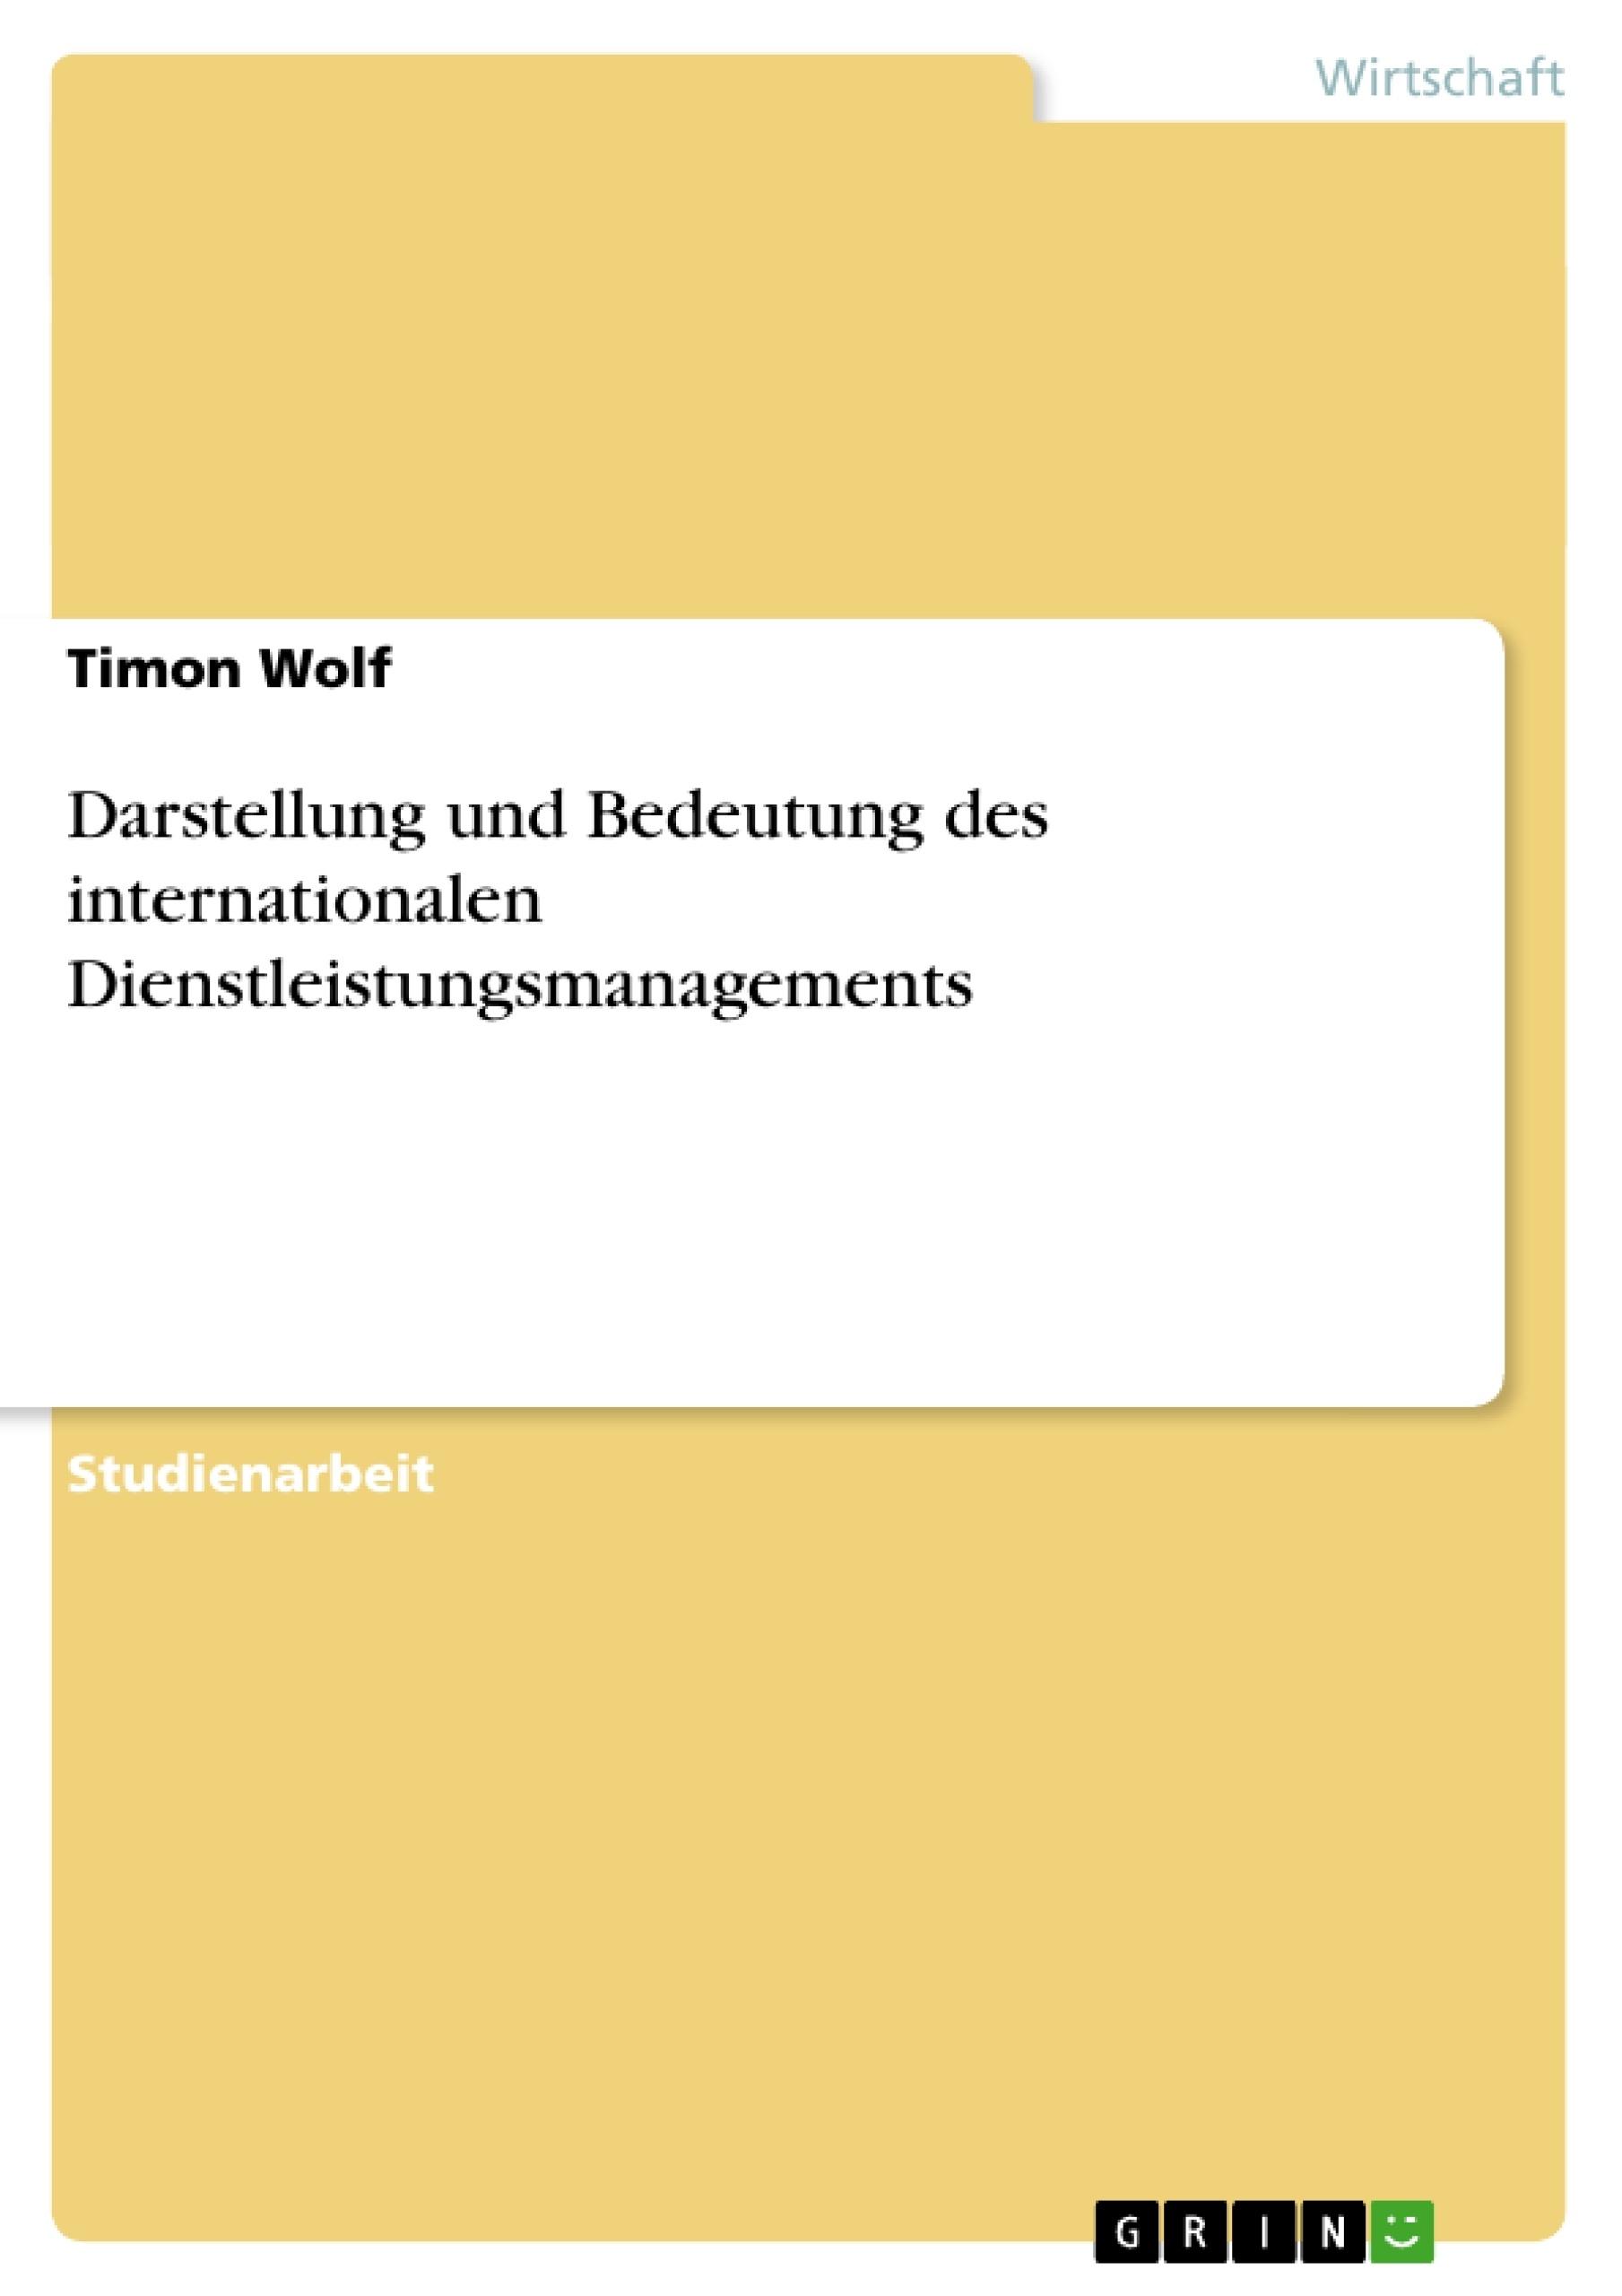 Titel: Darstellung und Bedeutung des internationalen Dienstleistungsmanagements